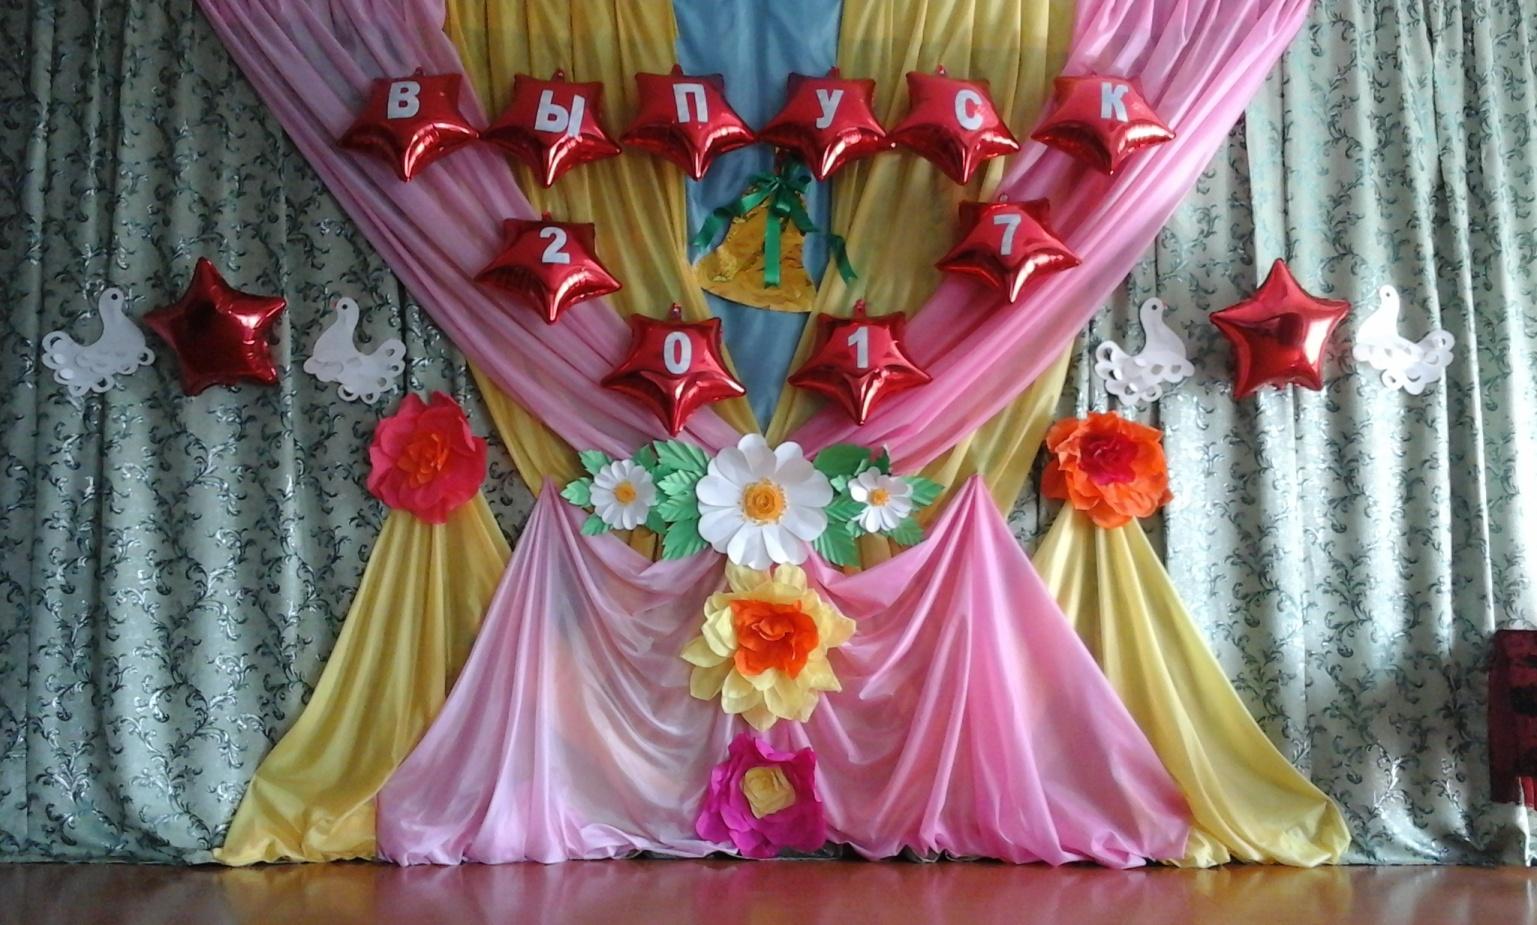 баннера рекламной картинки для оформления задника сцены третий день